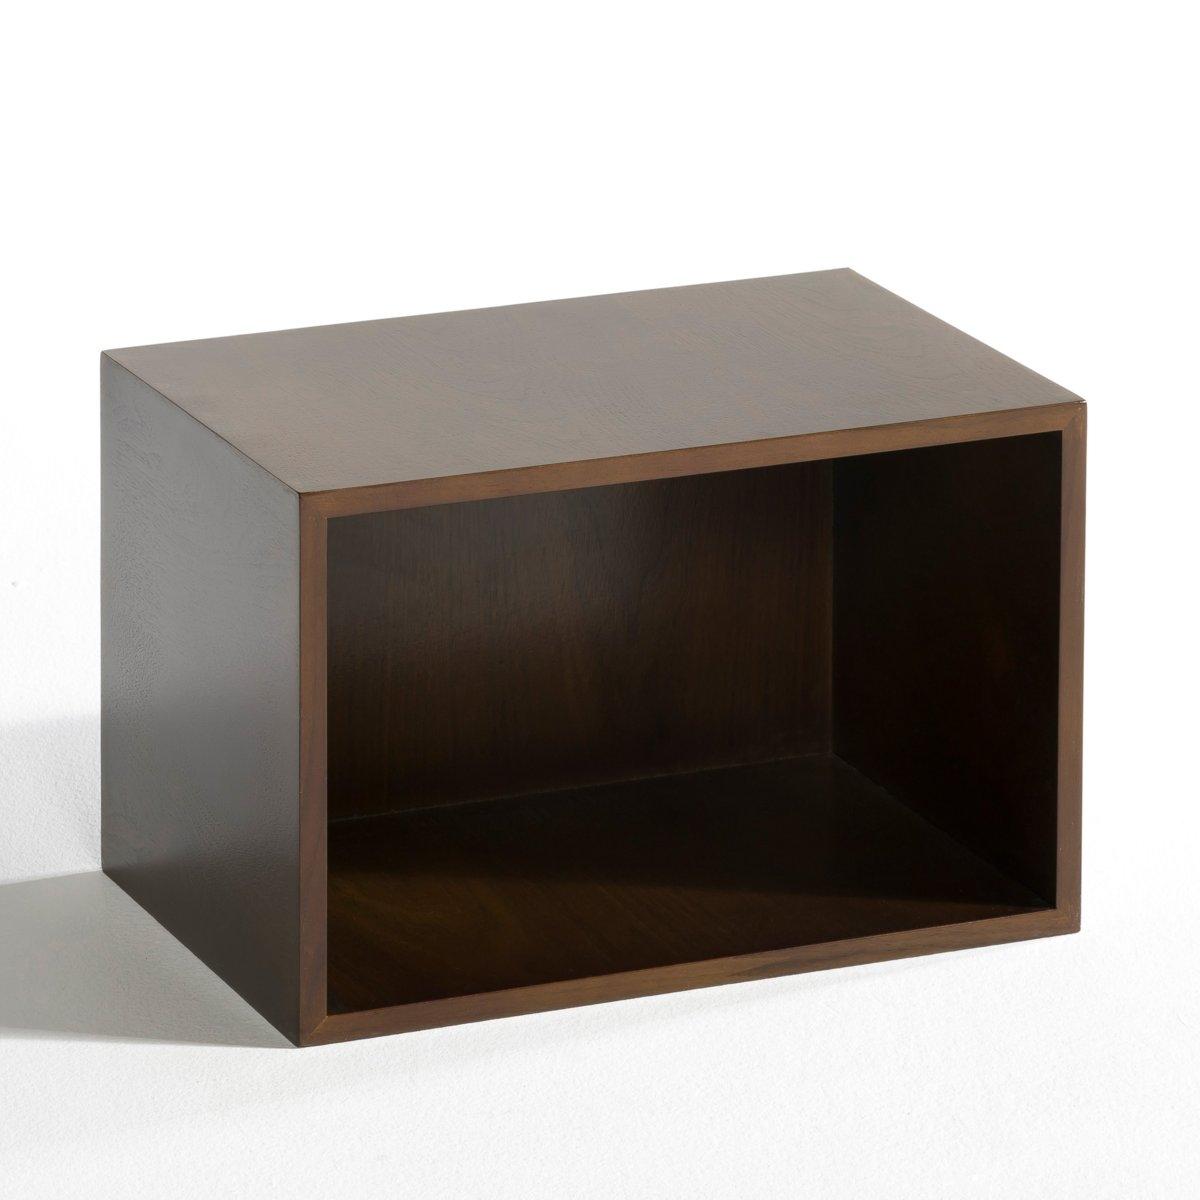 Ящик Trebor по дизайну Э. Галлинаиз орехового дерева .- Размер. .25 x .37 x .25 см. - Можно расположить горизонтально или вертикально .<br><br>Цвет: ореховый